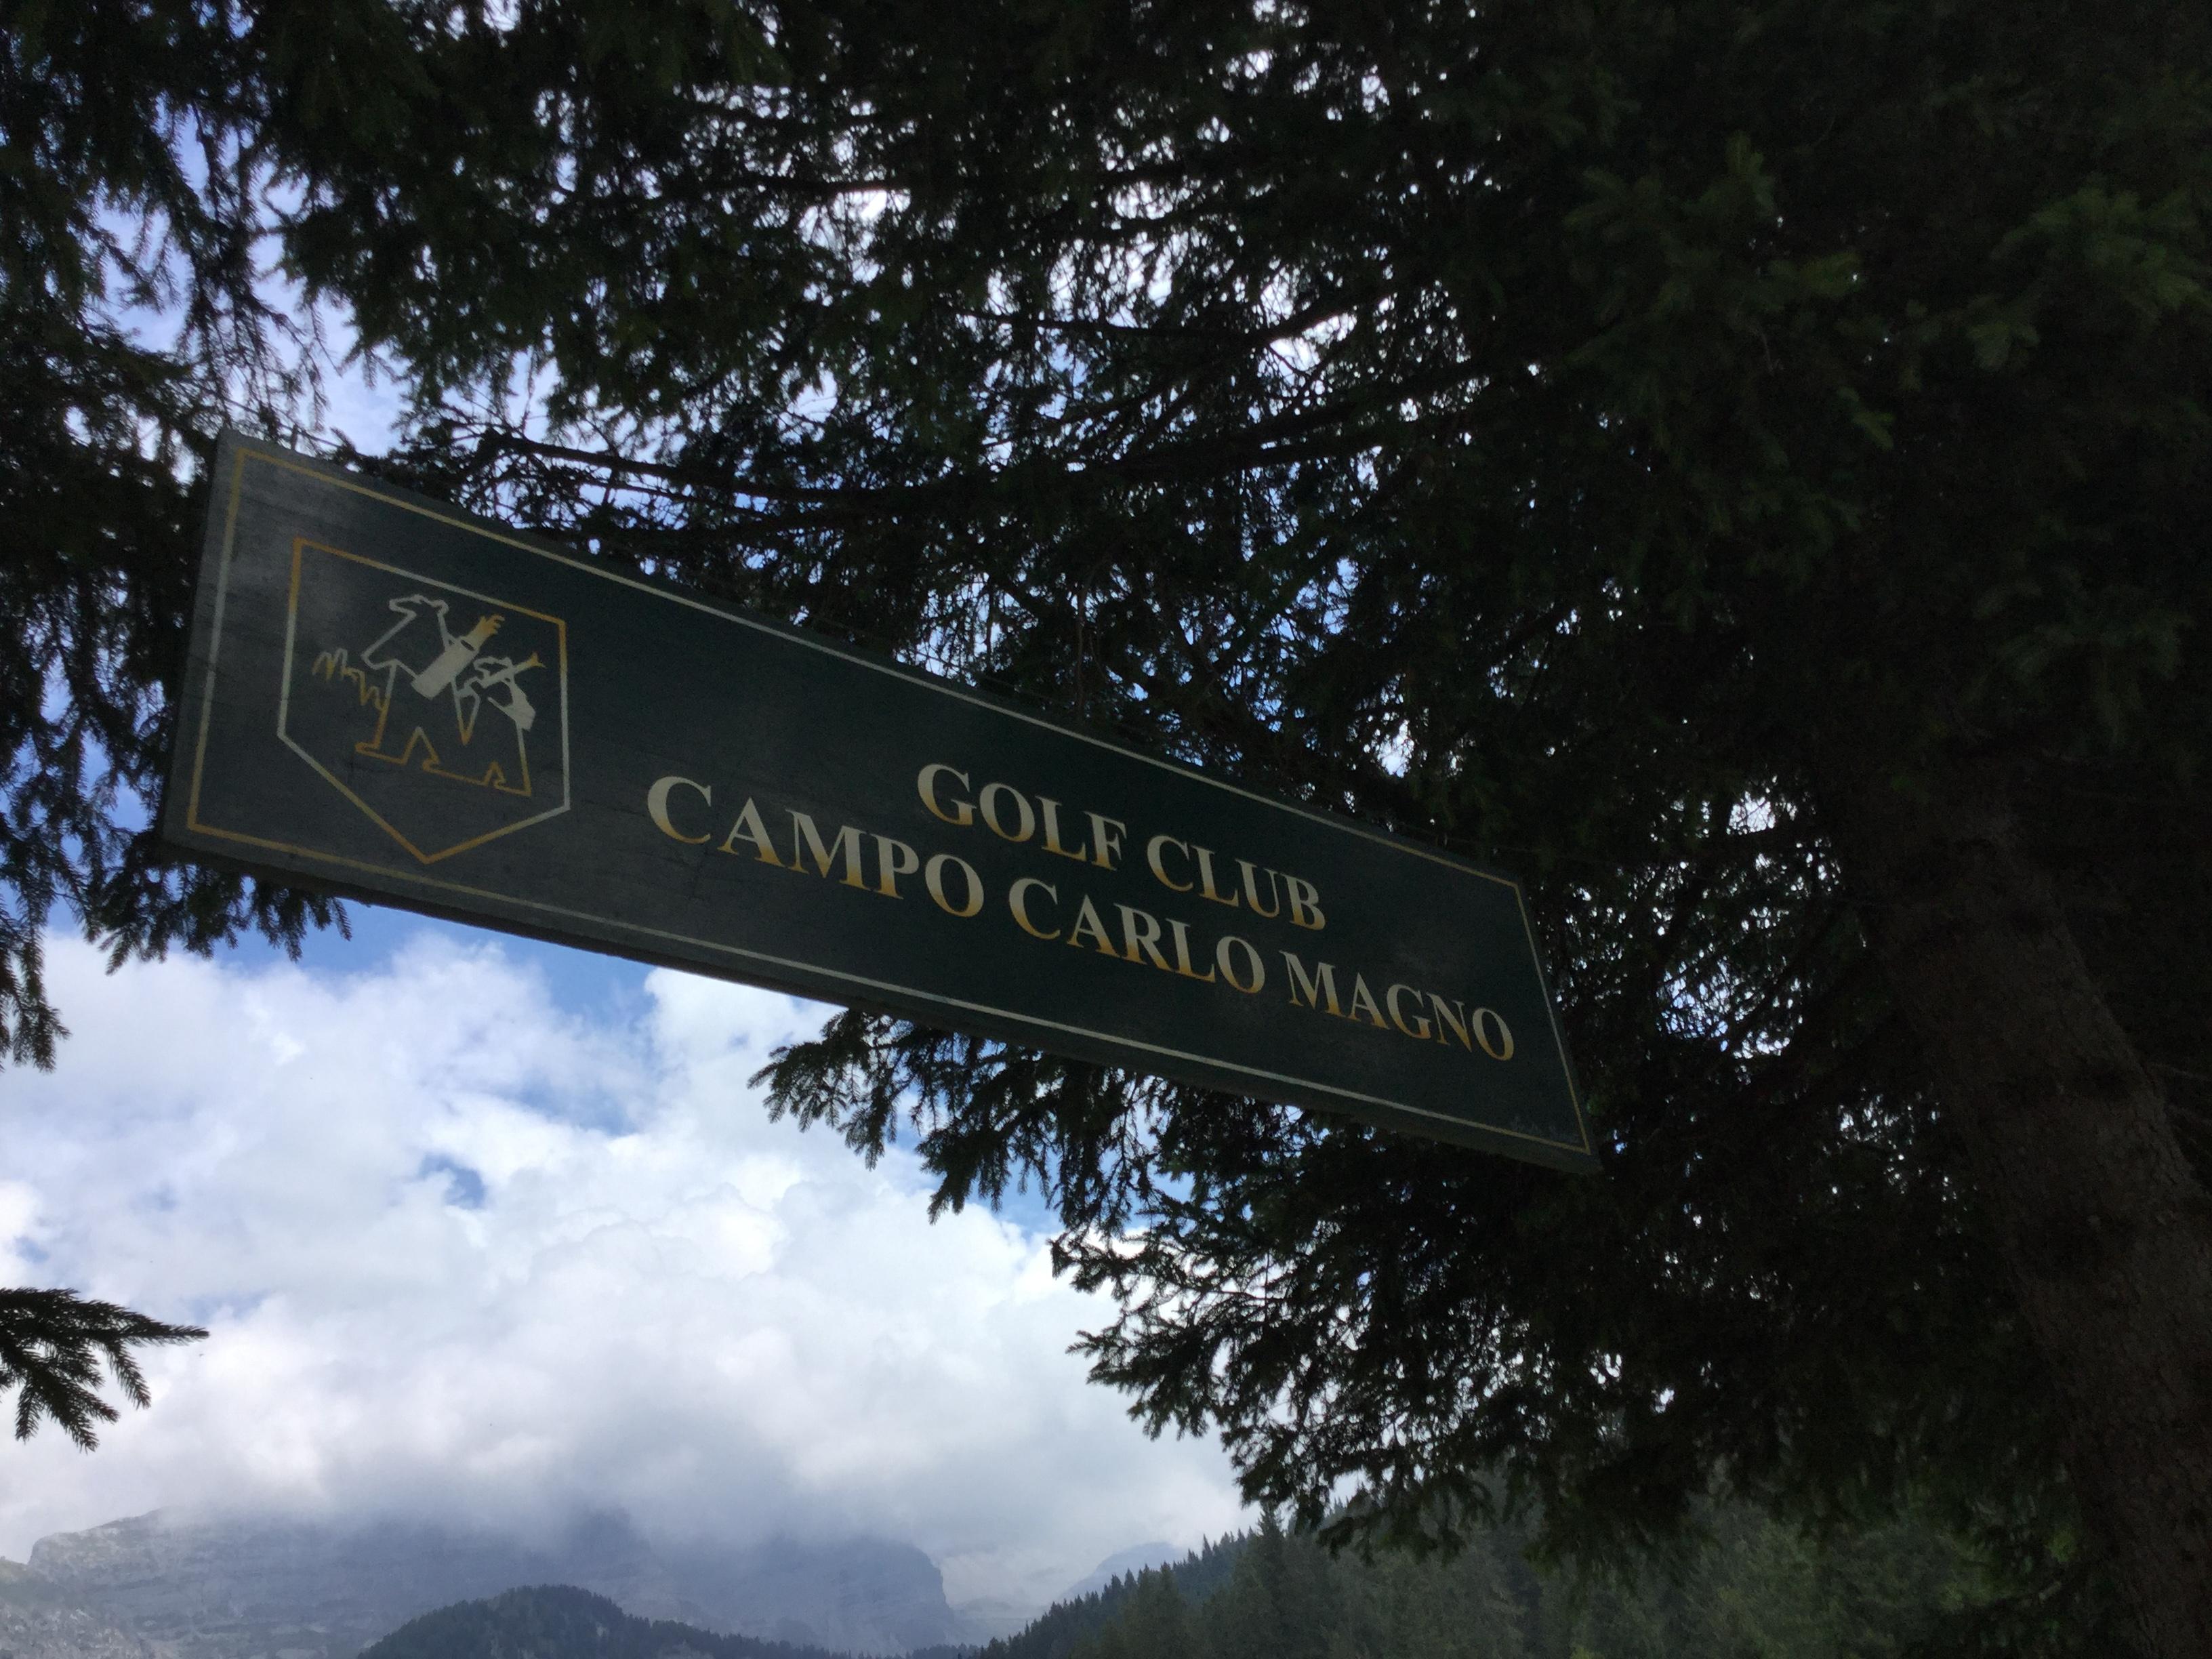 UN CAMPO CHE CONQUISTA